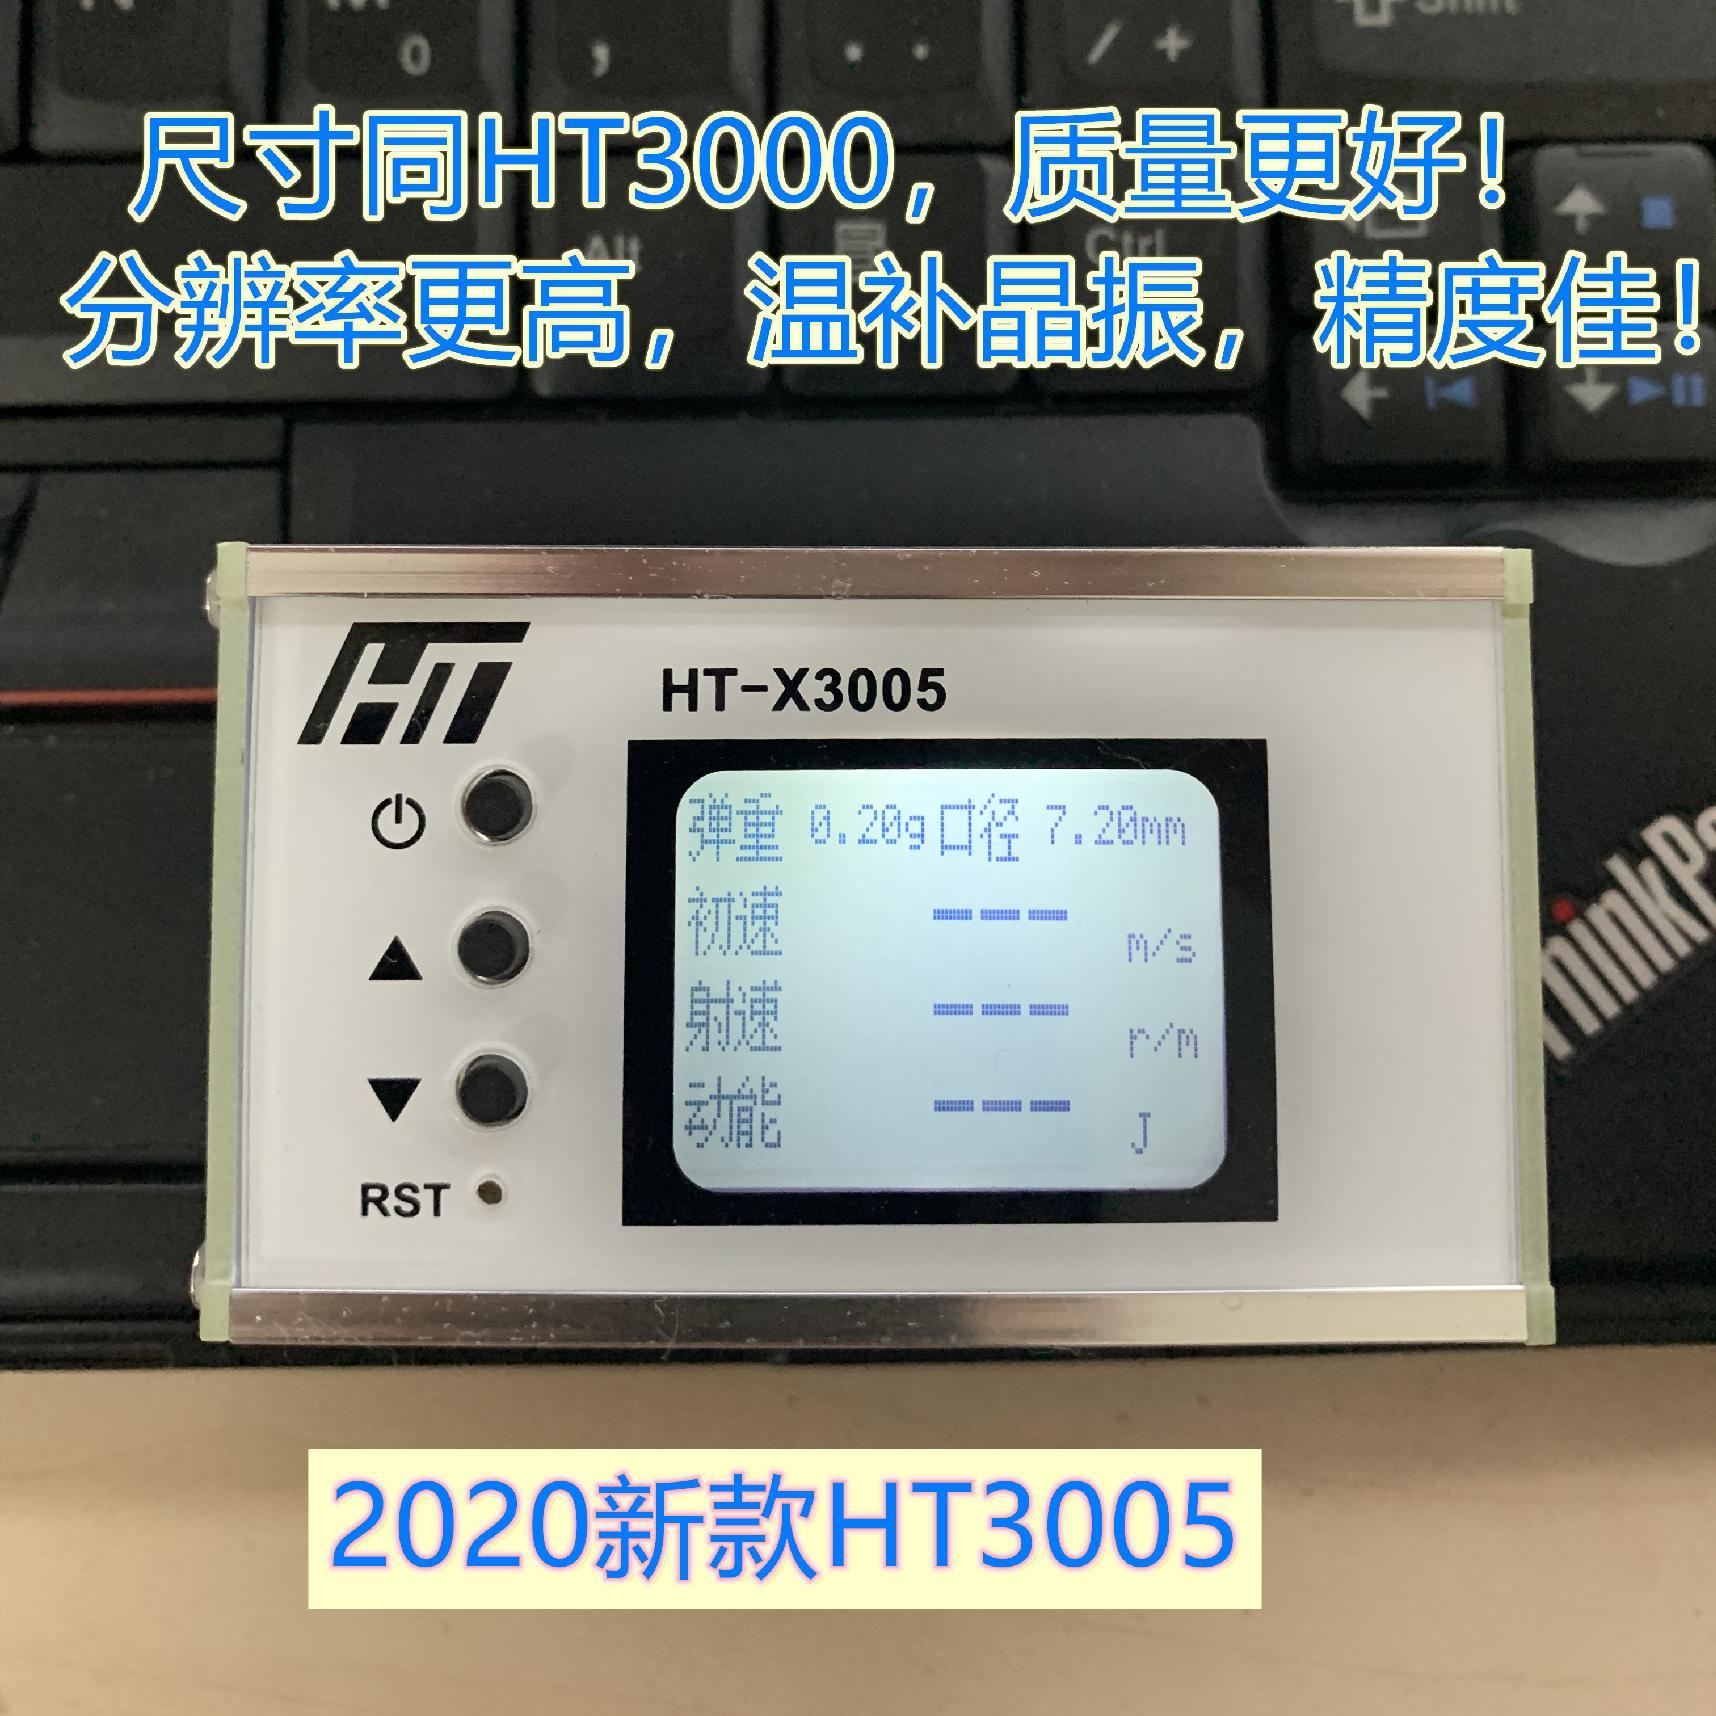 测速器初速仪初速测速仪工厂店直销超X3200E9800弹丸测速